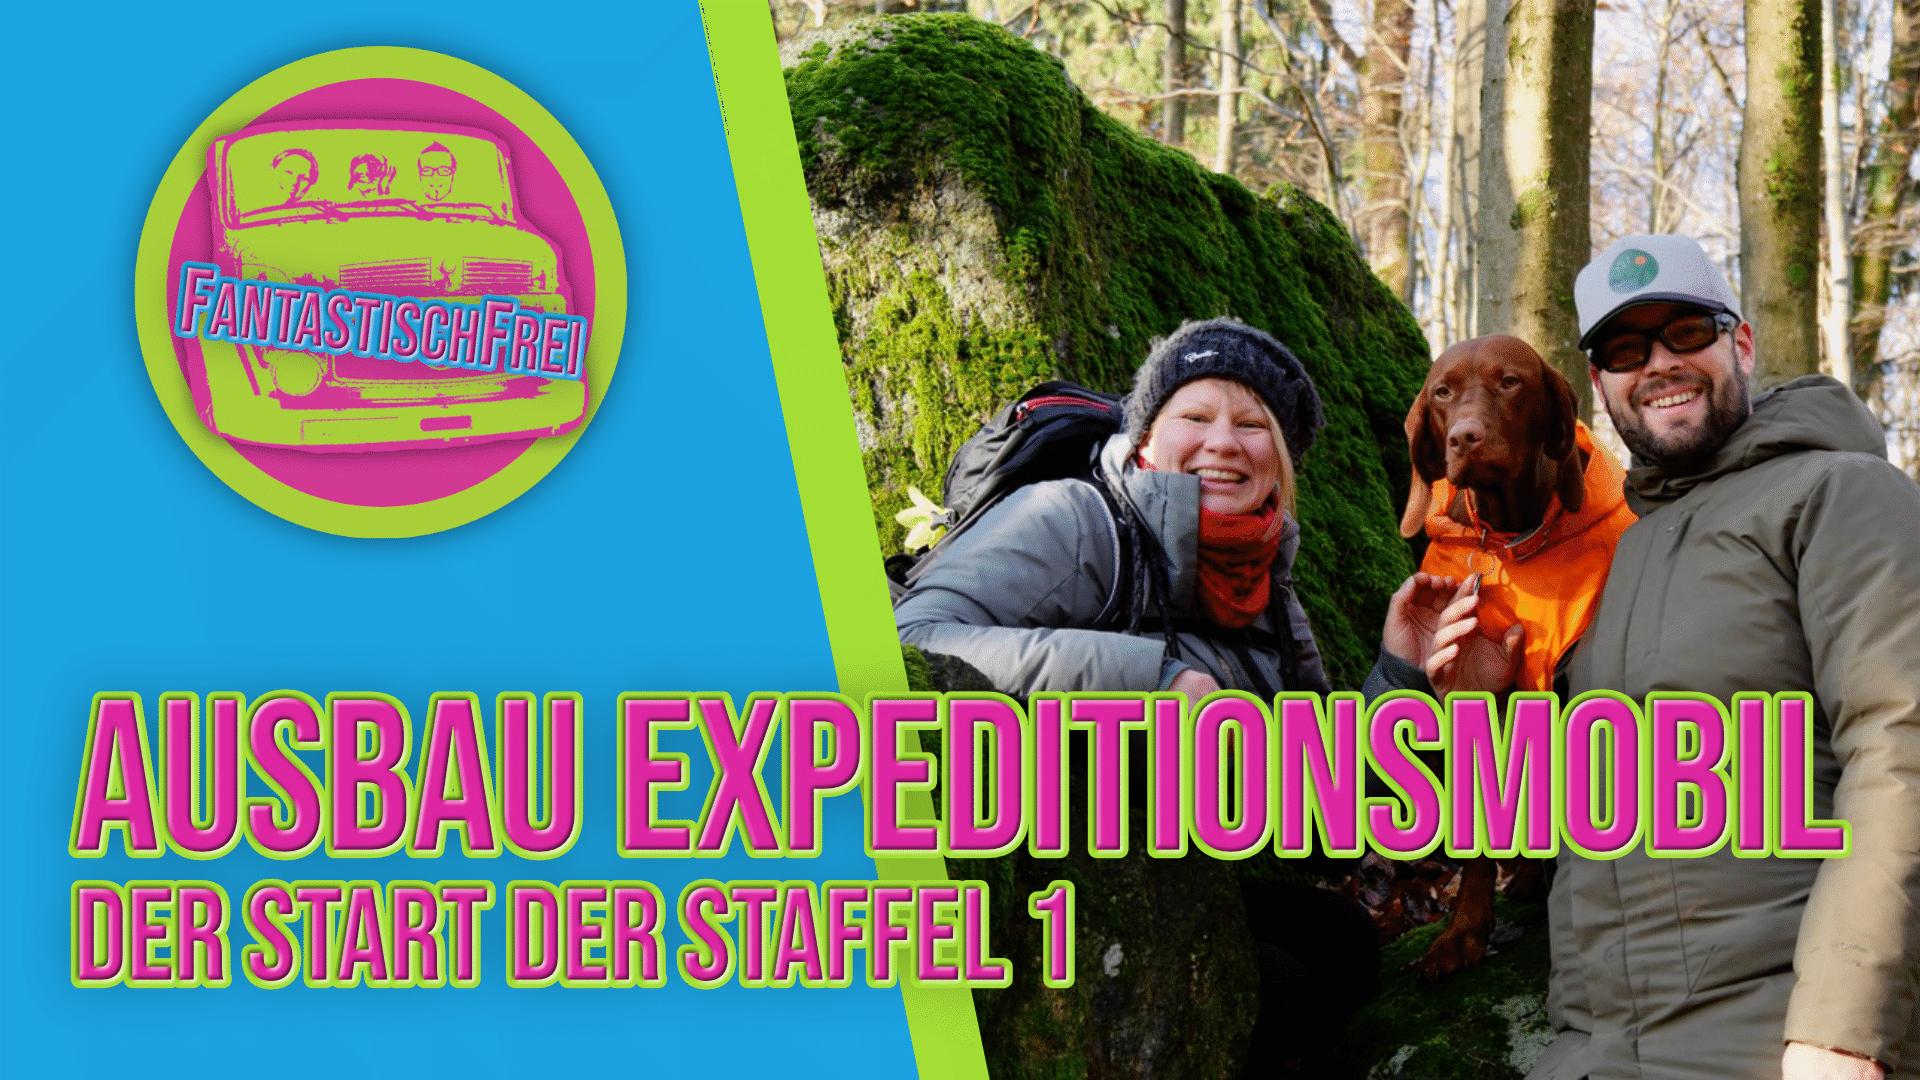 Ausbau Expeditionsmobil Staffel 1 Start von FantastischFrei auf YouTube